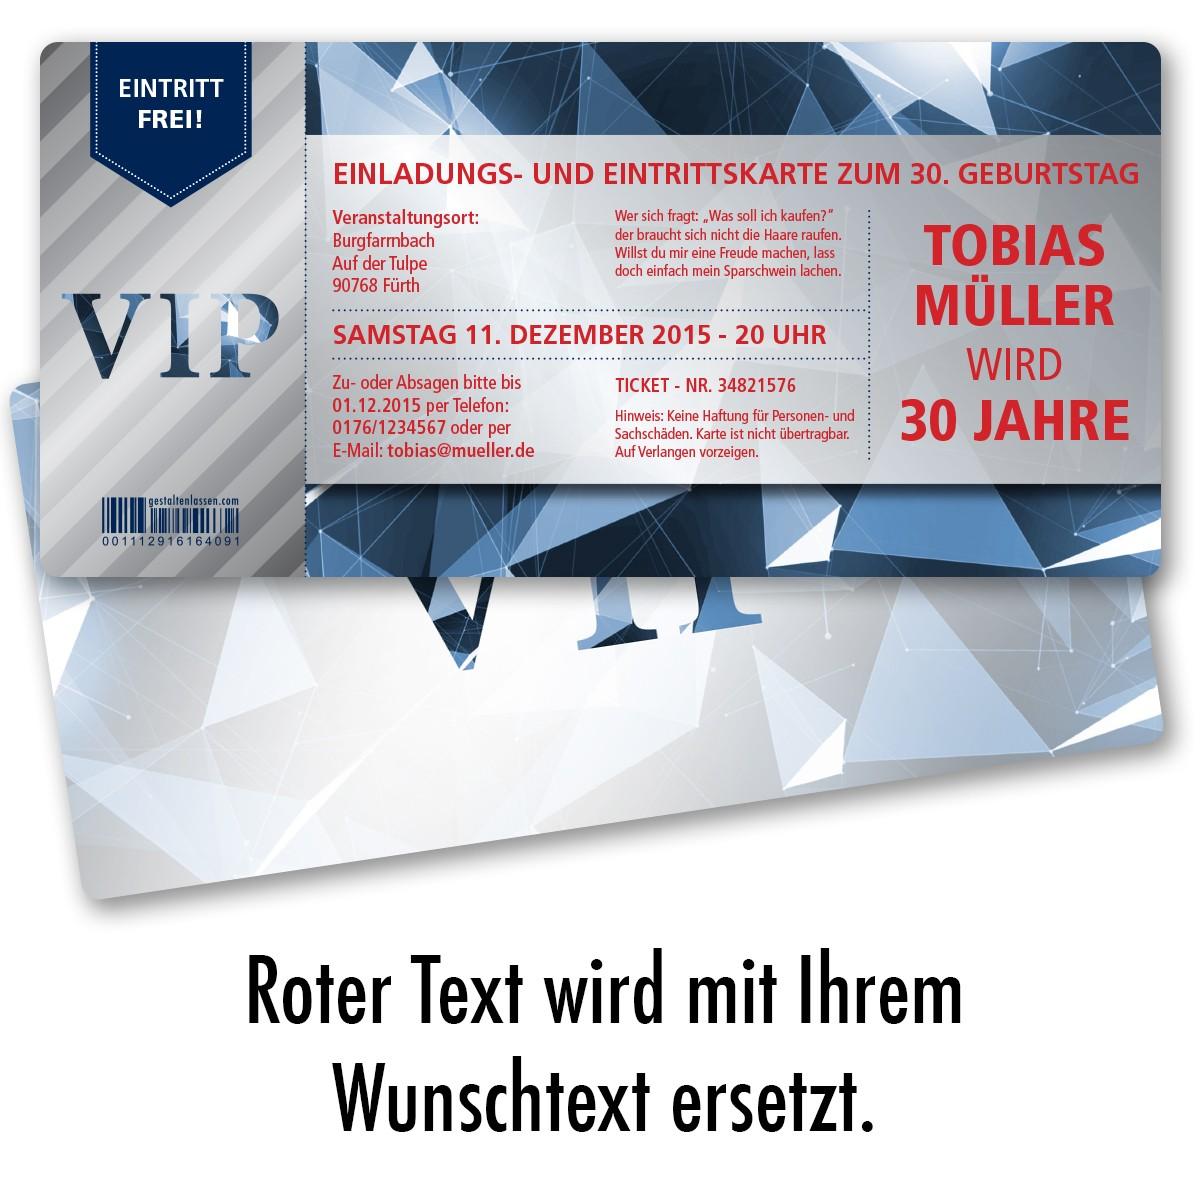 Einladungskarten als VIP Eintrittskarte Blau ab 43 Cent ... - Einladungskarten Vip Ticket